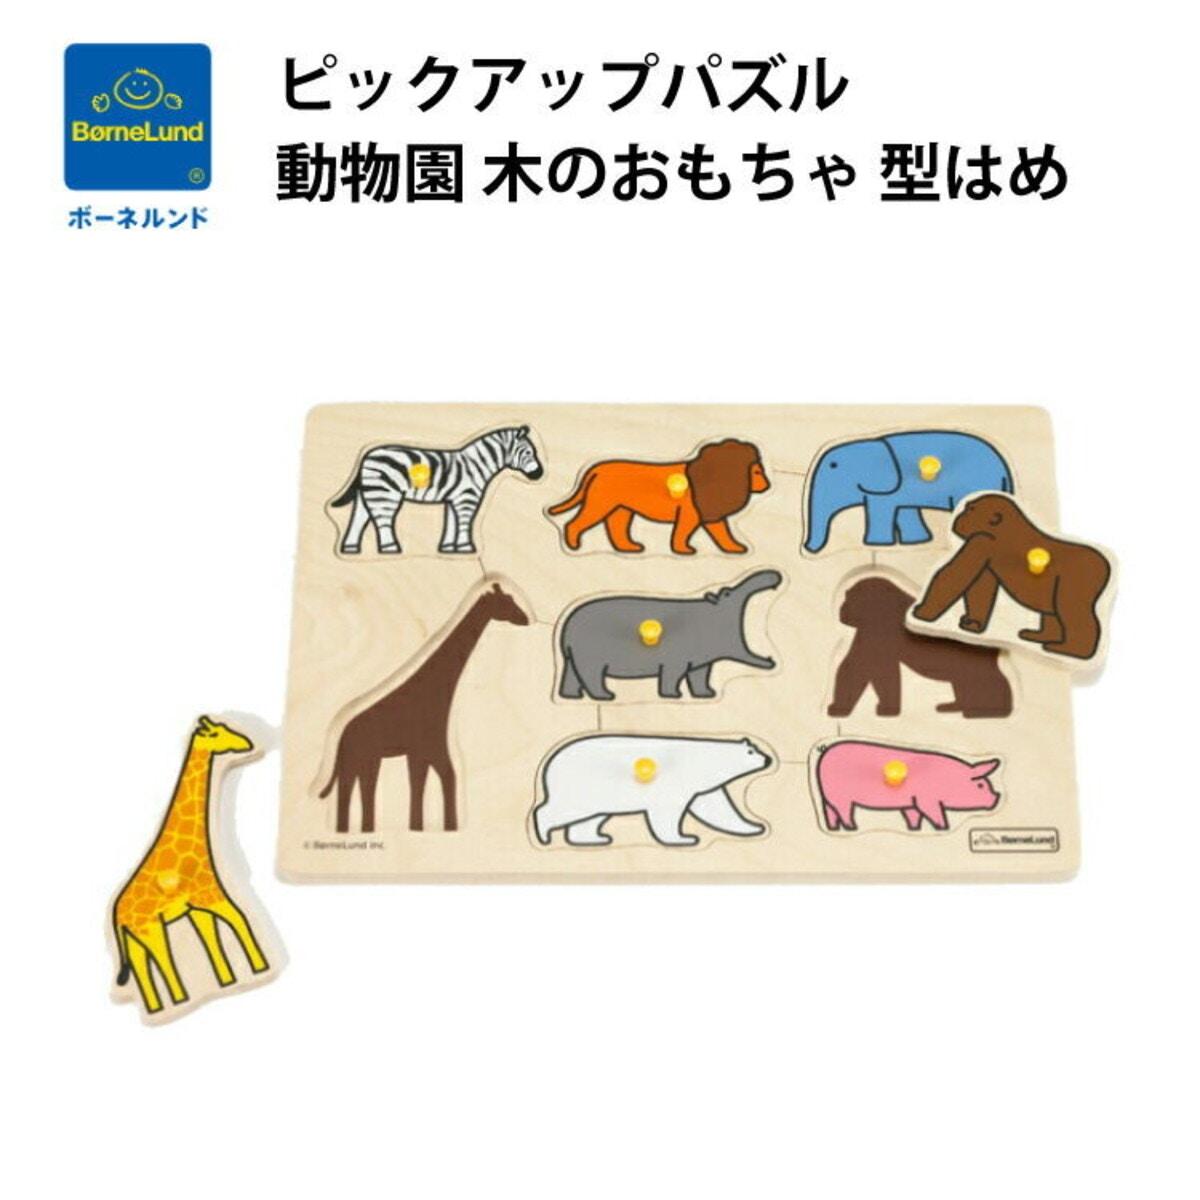 ボーネルンド ピックアップパズル 動物園